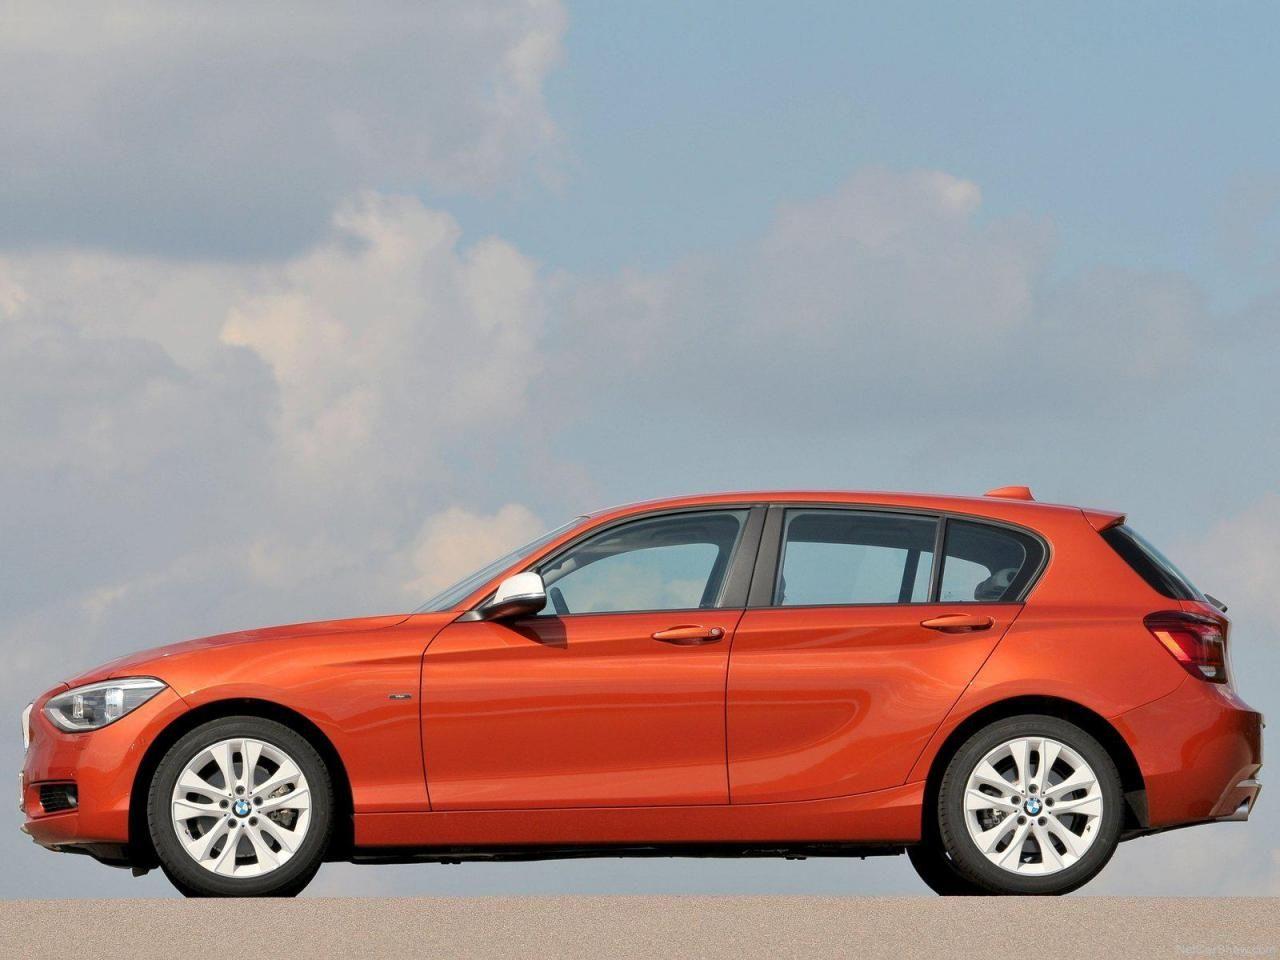 2012 BMW 1 Series Urban Line | BMW | Pinterest | BMW, Bmw 116i and ...